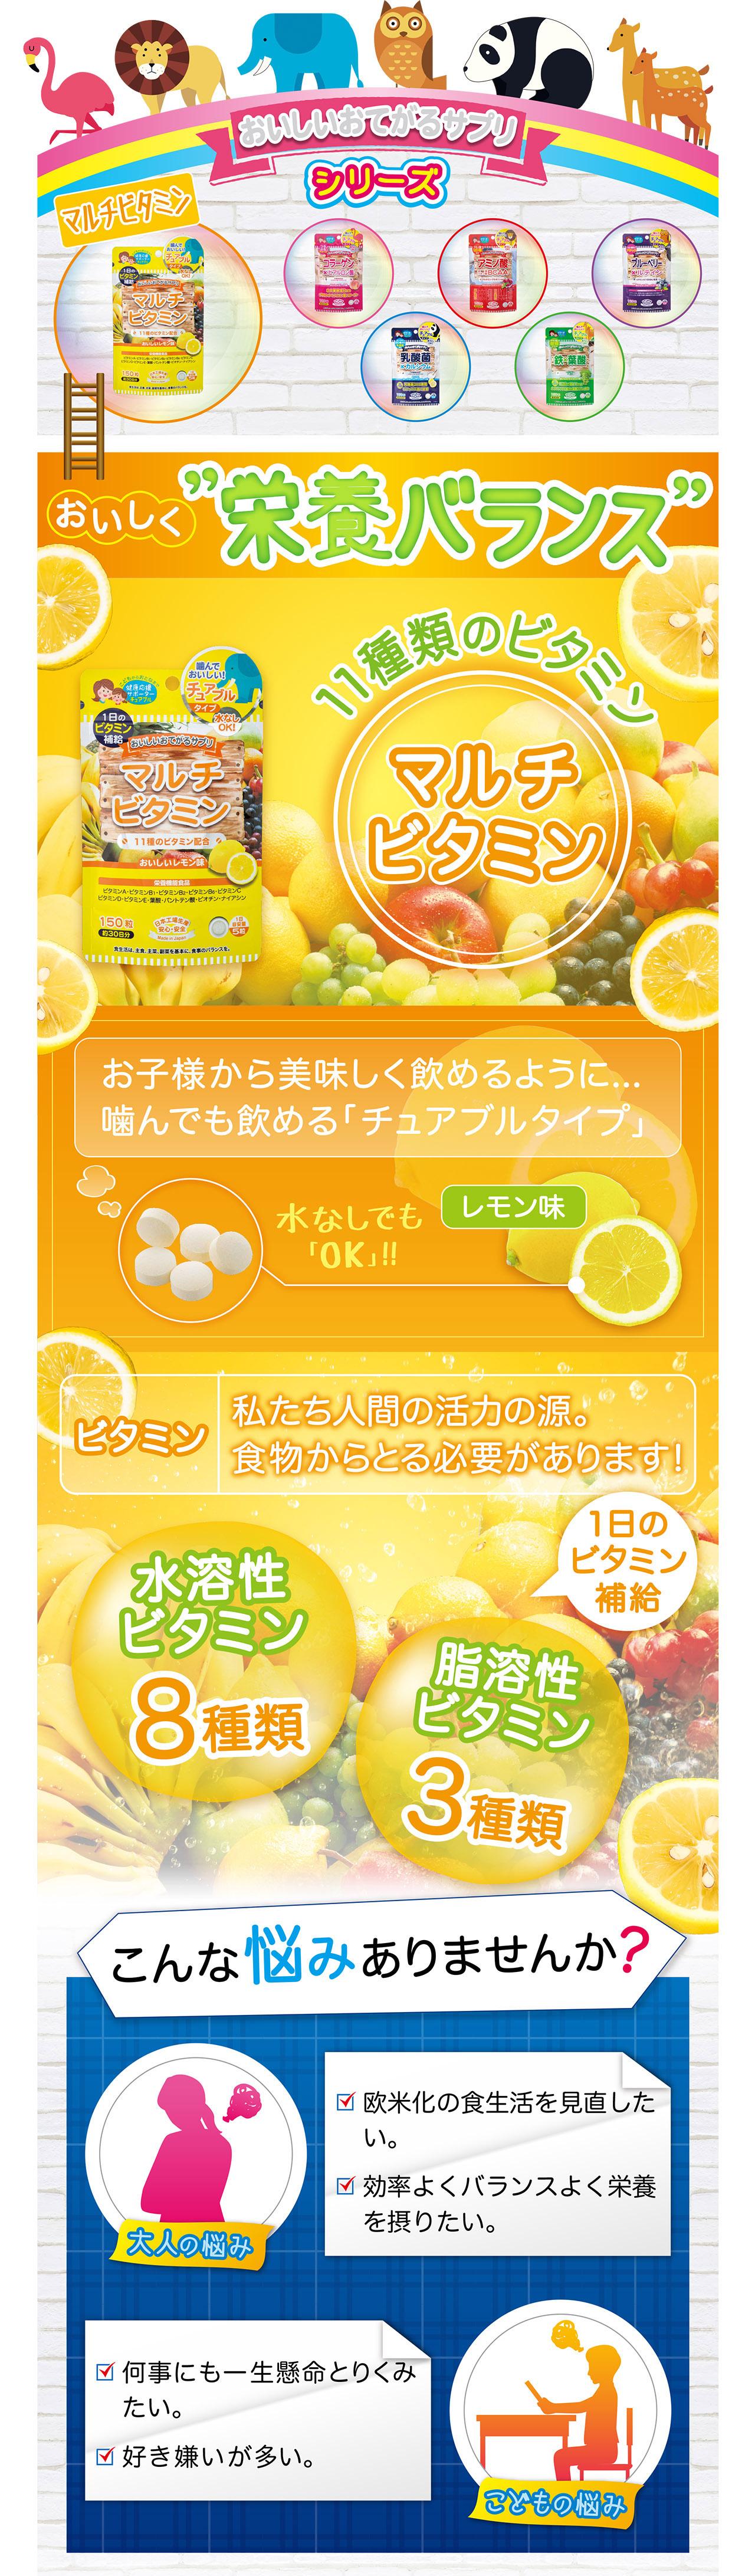 """おいしいおてがるサプリ シリーズ マルチビタミン おいしく""""栄養バランス"""" 11種類のビタミン お子様から美味しく飲めるように… 噛んでも飲める「チュアブルタイプ」 水なしでも「OK」 レモン味 ビタミン 私たち人間の活力の源 食物からとる必要があります 水溶性ビタミン 8種類 脂溶性ビタミン 3種類 1日のビタミン補給 こんな悩みありませんか? 大人の悩み 欧米化の食生活を見直したい 効率よくバランスよく栄養を摂りたい こどもの悩み 何事にも一生懸命とりくみたい 好き嫌いが多い"""